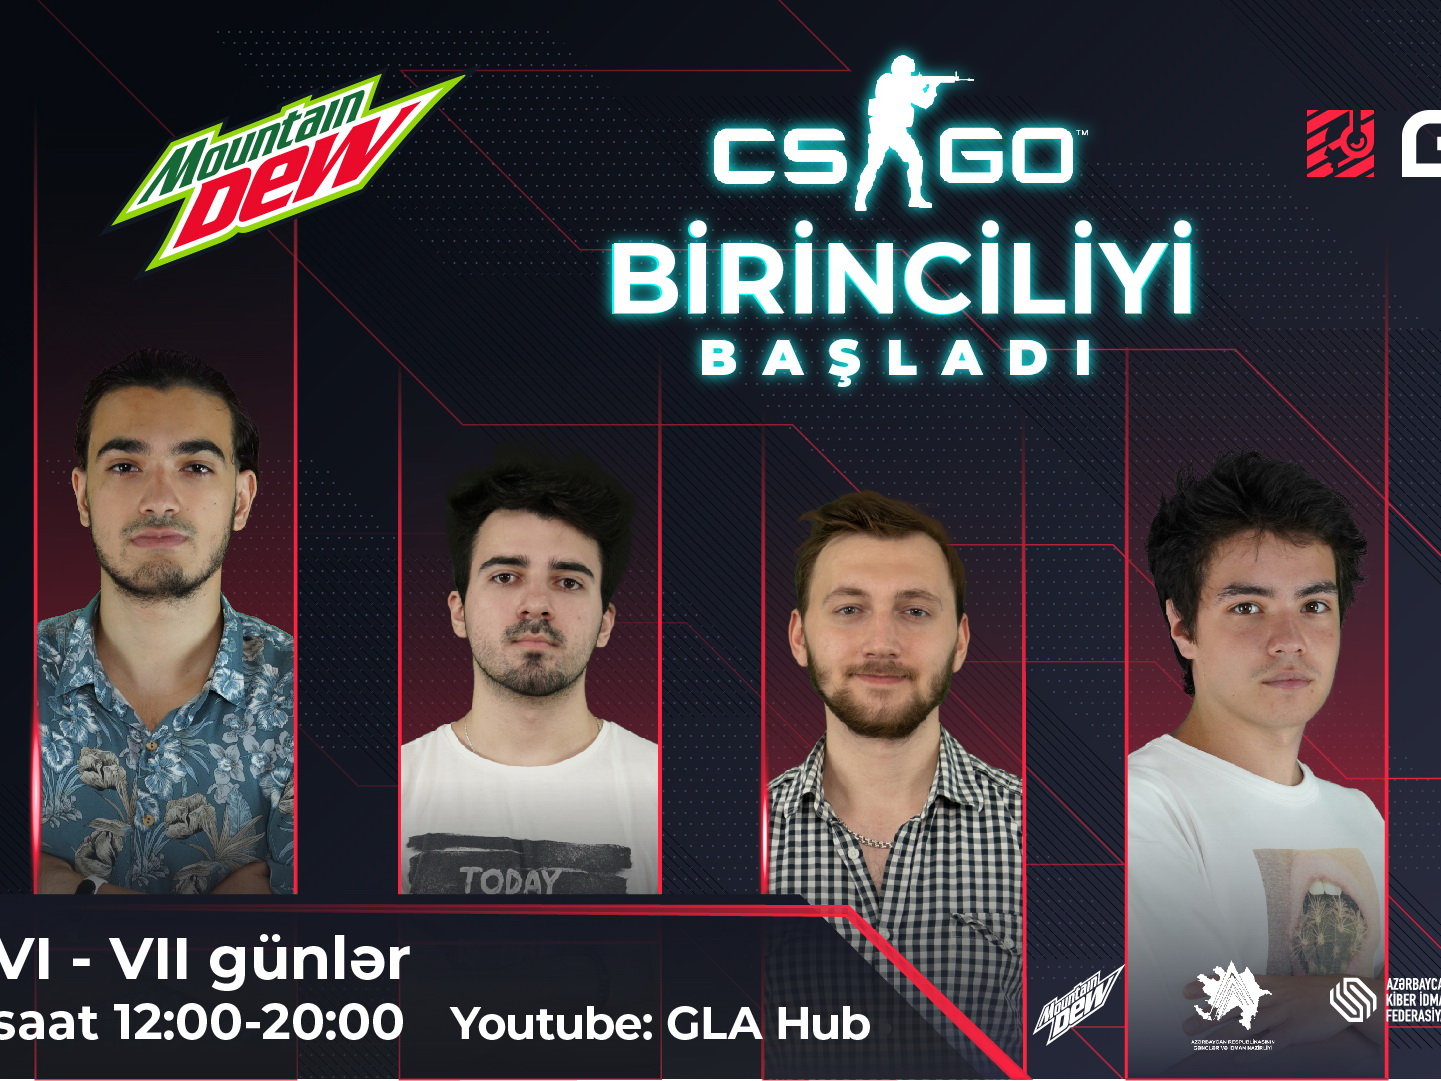 Впервые в Азербайджане: Виртуальное первенство по CS